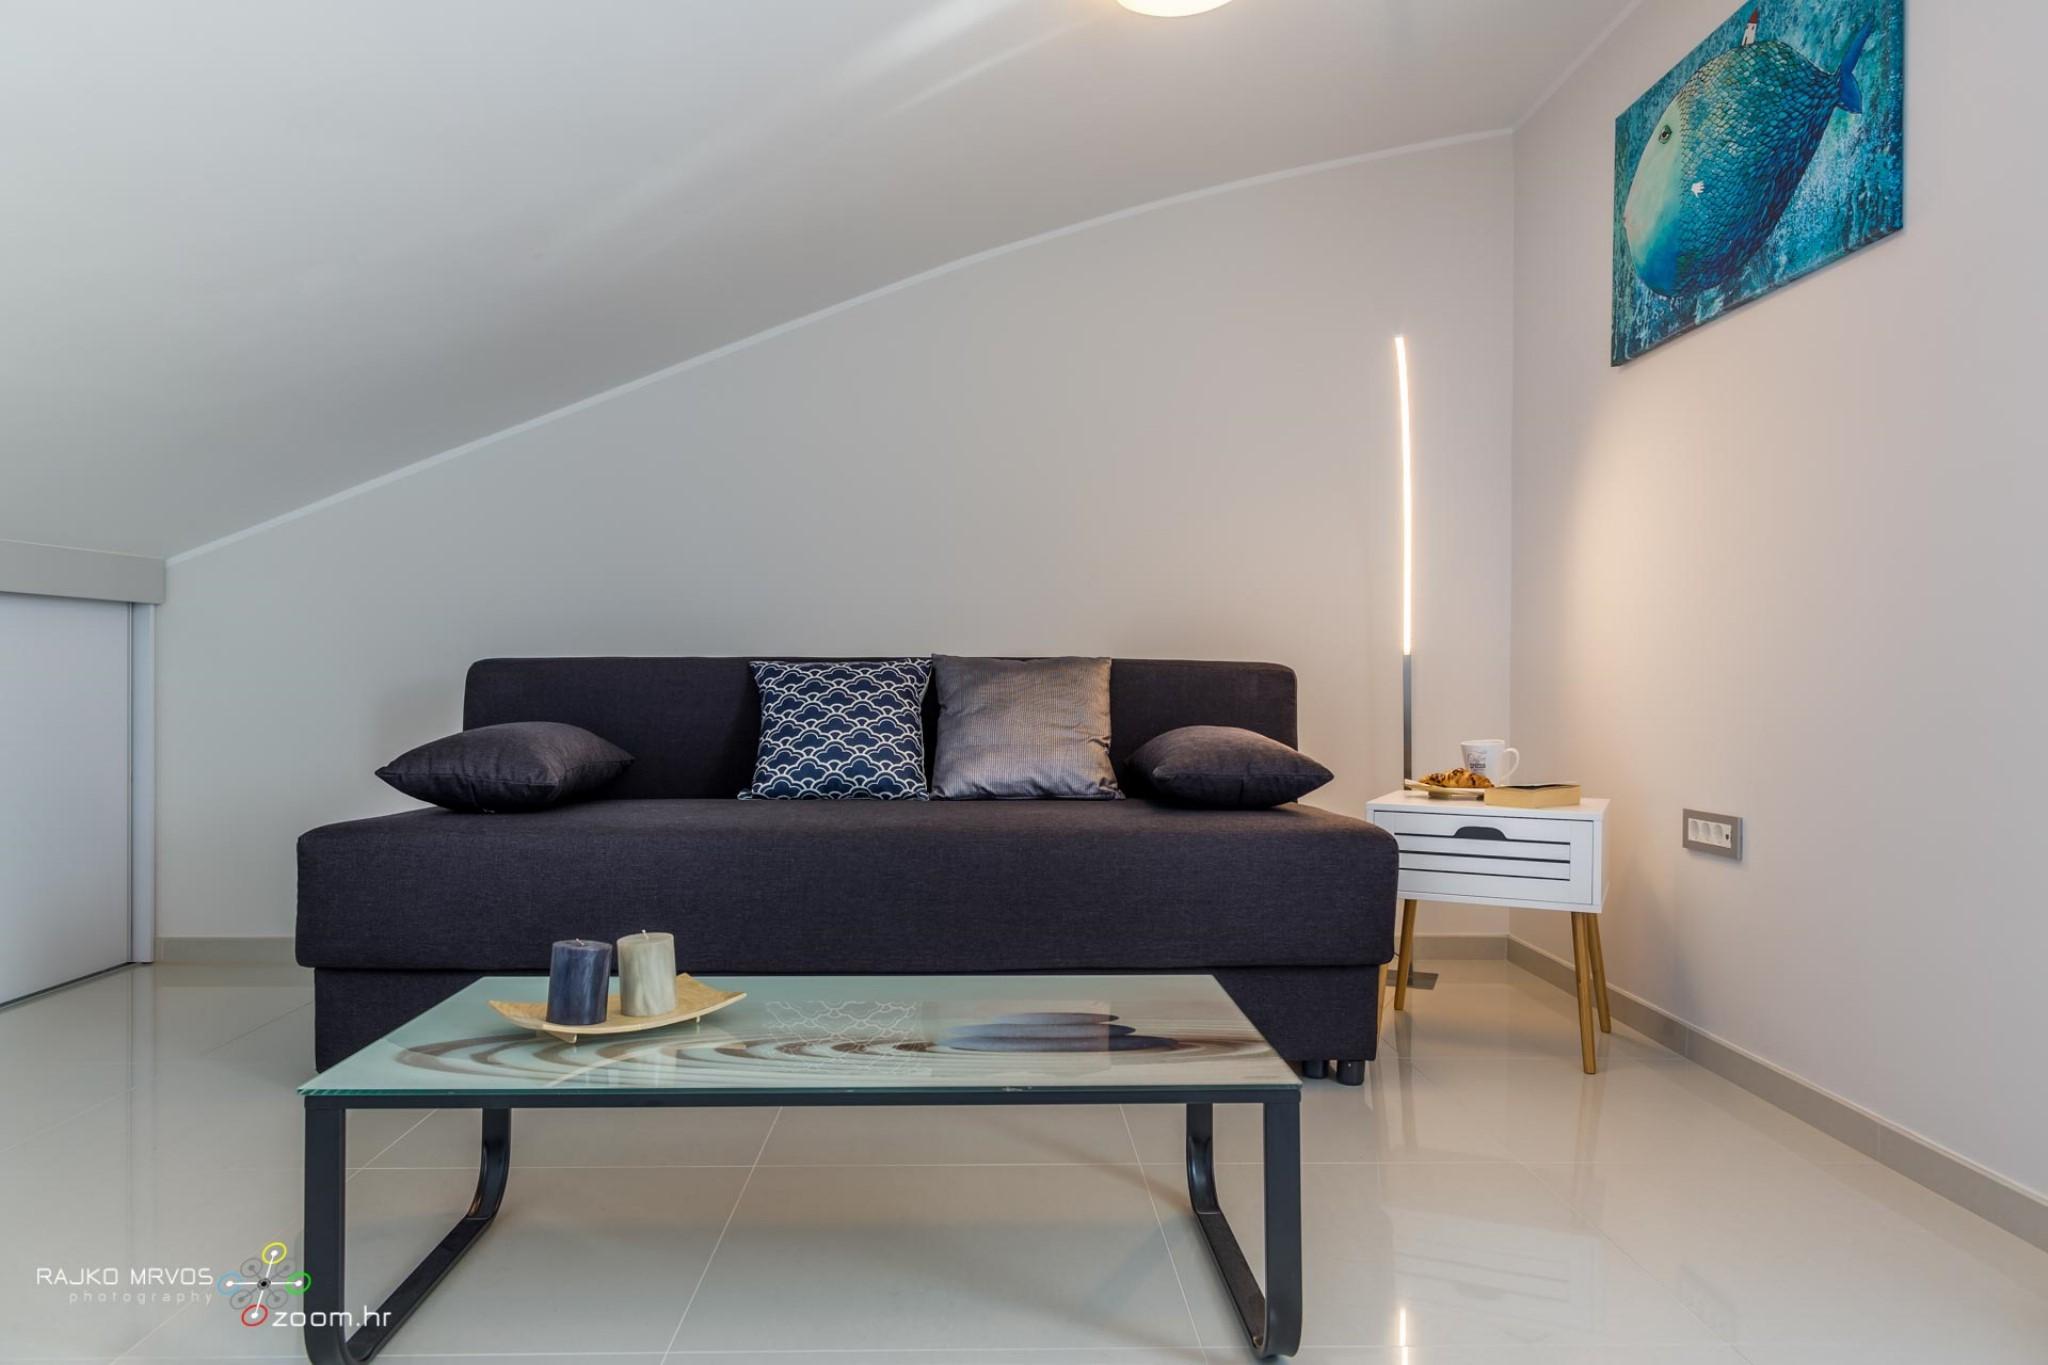 fotografiranje-interijera-fotograf-eksterijera-apartmana-vila-kuca-hotela-apartman-Pobri-Opatija-69